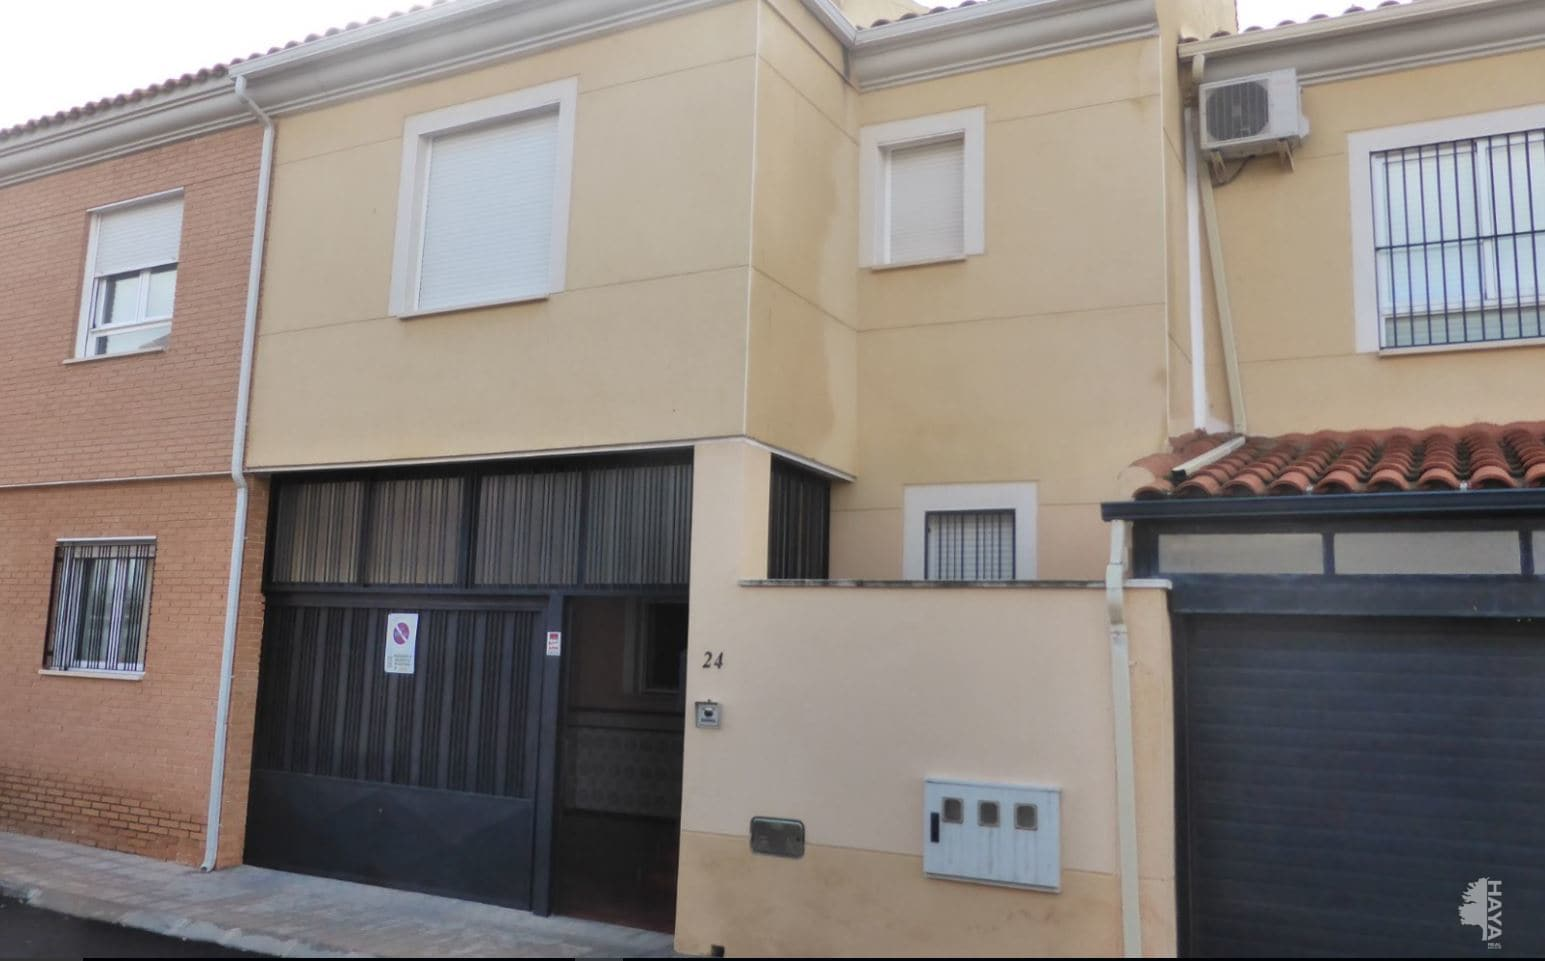 Piso en venta en Argamasilla de Calatrava, Ciudad Real, Calle Manzana, 76.000 €, 3 habitaciones, 3 baños, 121 m2